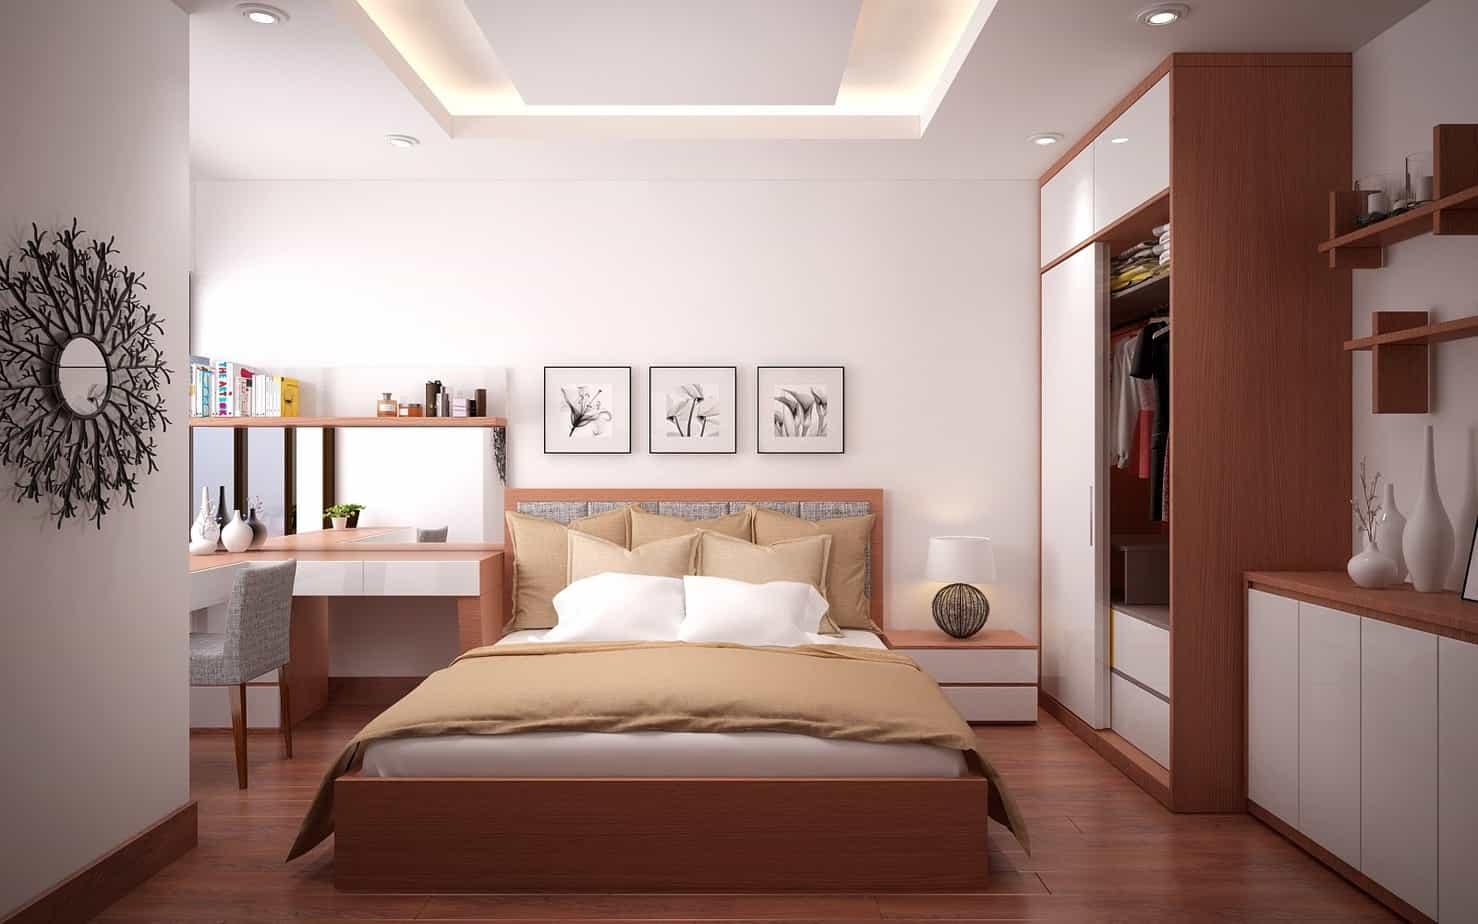 Top 25 Mẫu Thiết Kế Nội Thất Hiện Đại Đẹp Ấn Tượng Nhất -  - Mẫu thiết kế nội thất đẹp | thiết kế nội thất hiện đại 68